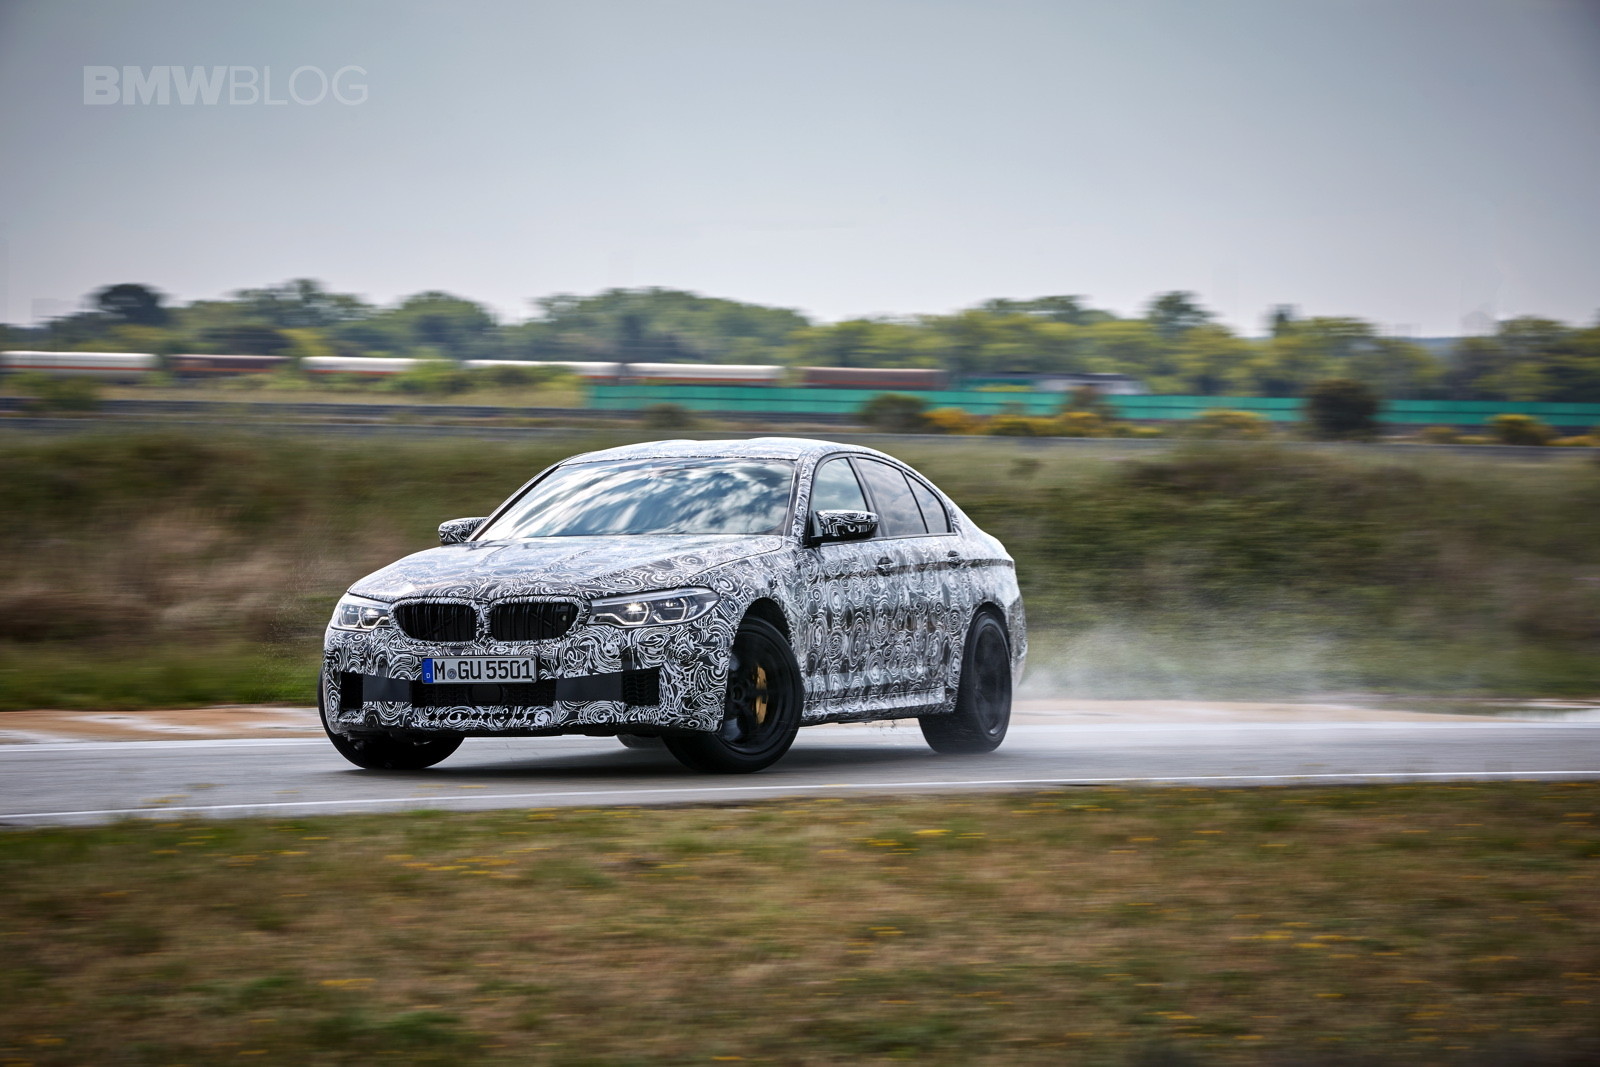 2018 BMW M5 pre production drive 42